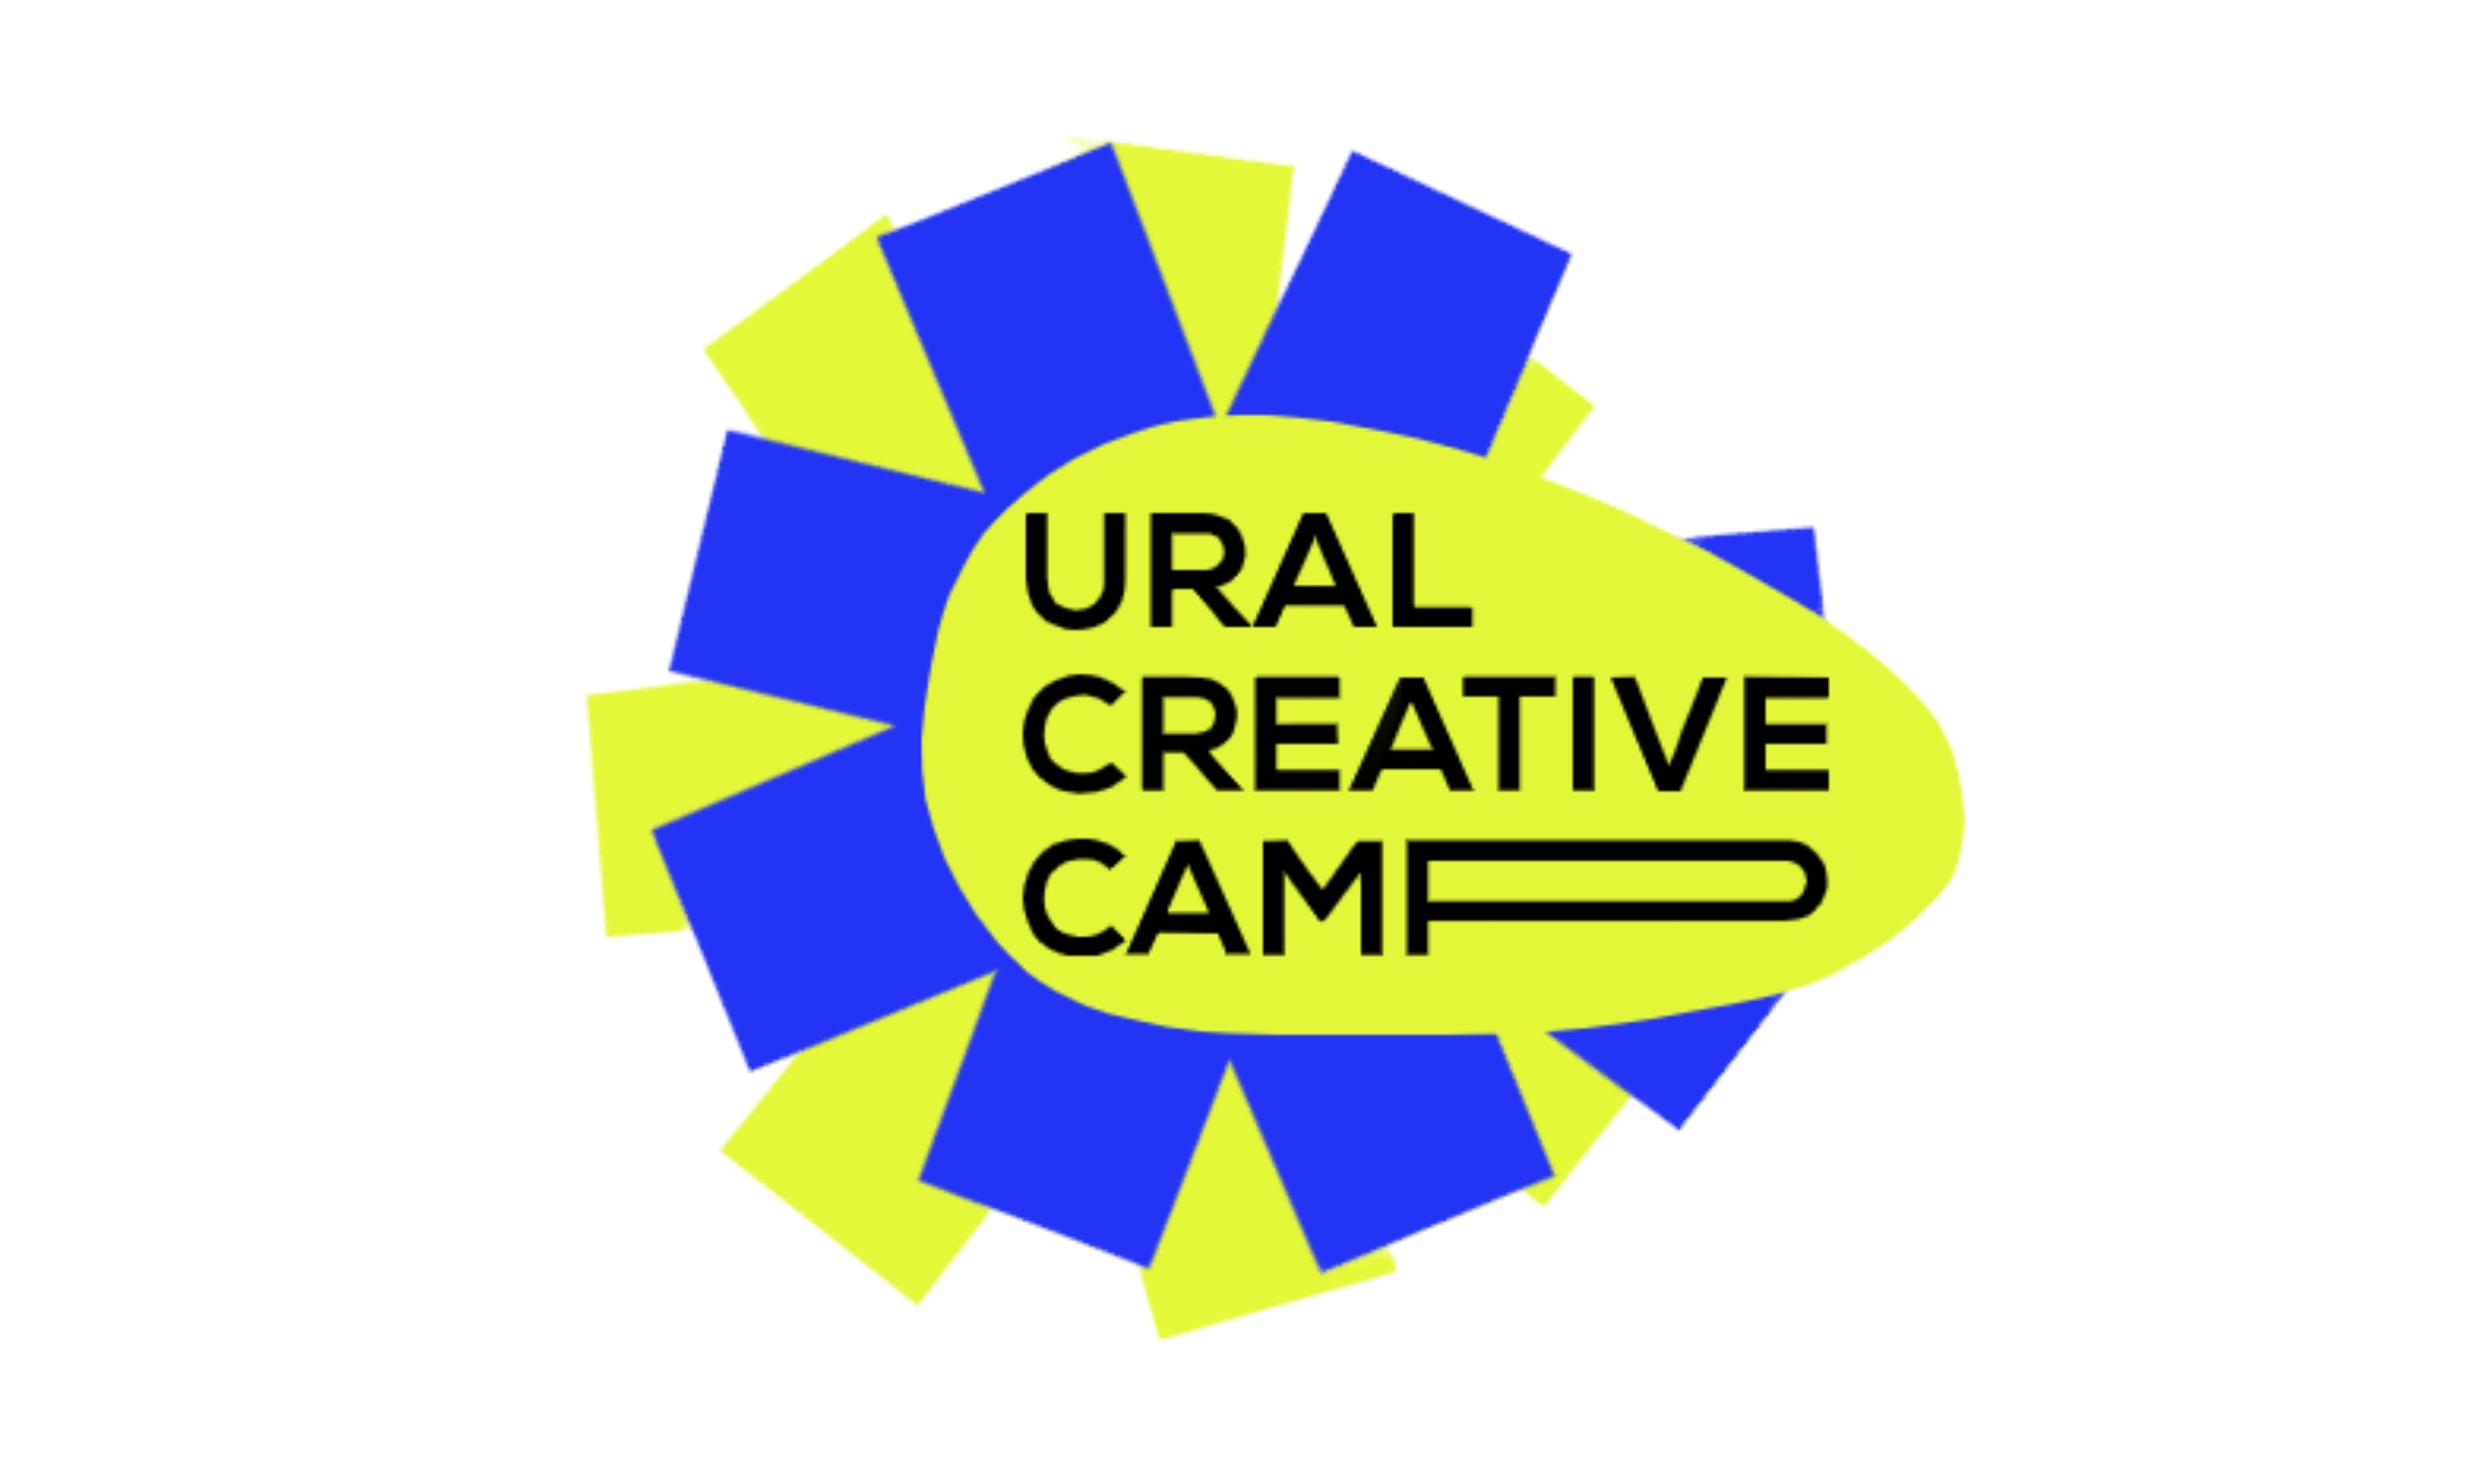 В рамках Ural Creative Camp состоится открытие пространства заброшенного завода